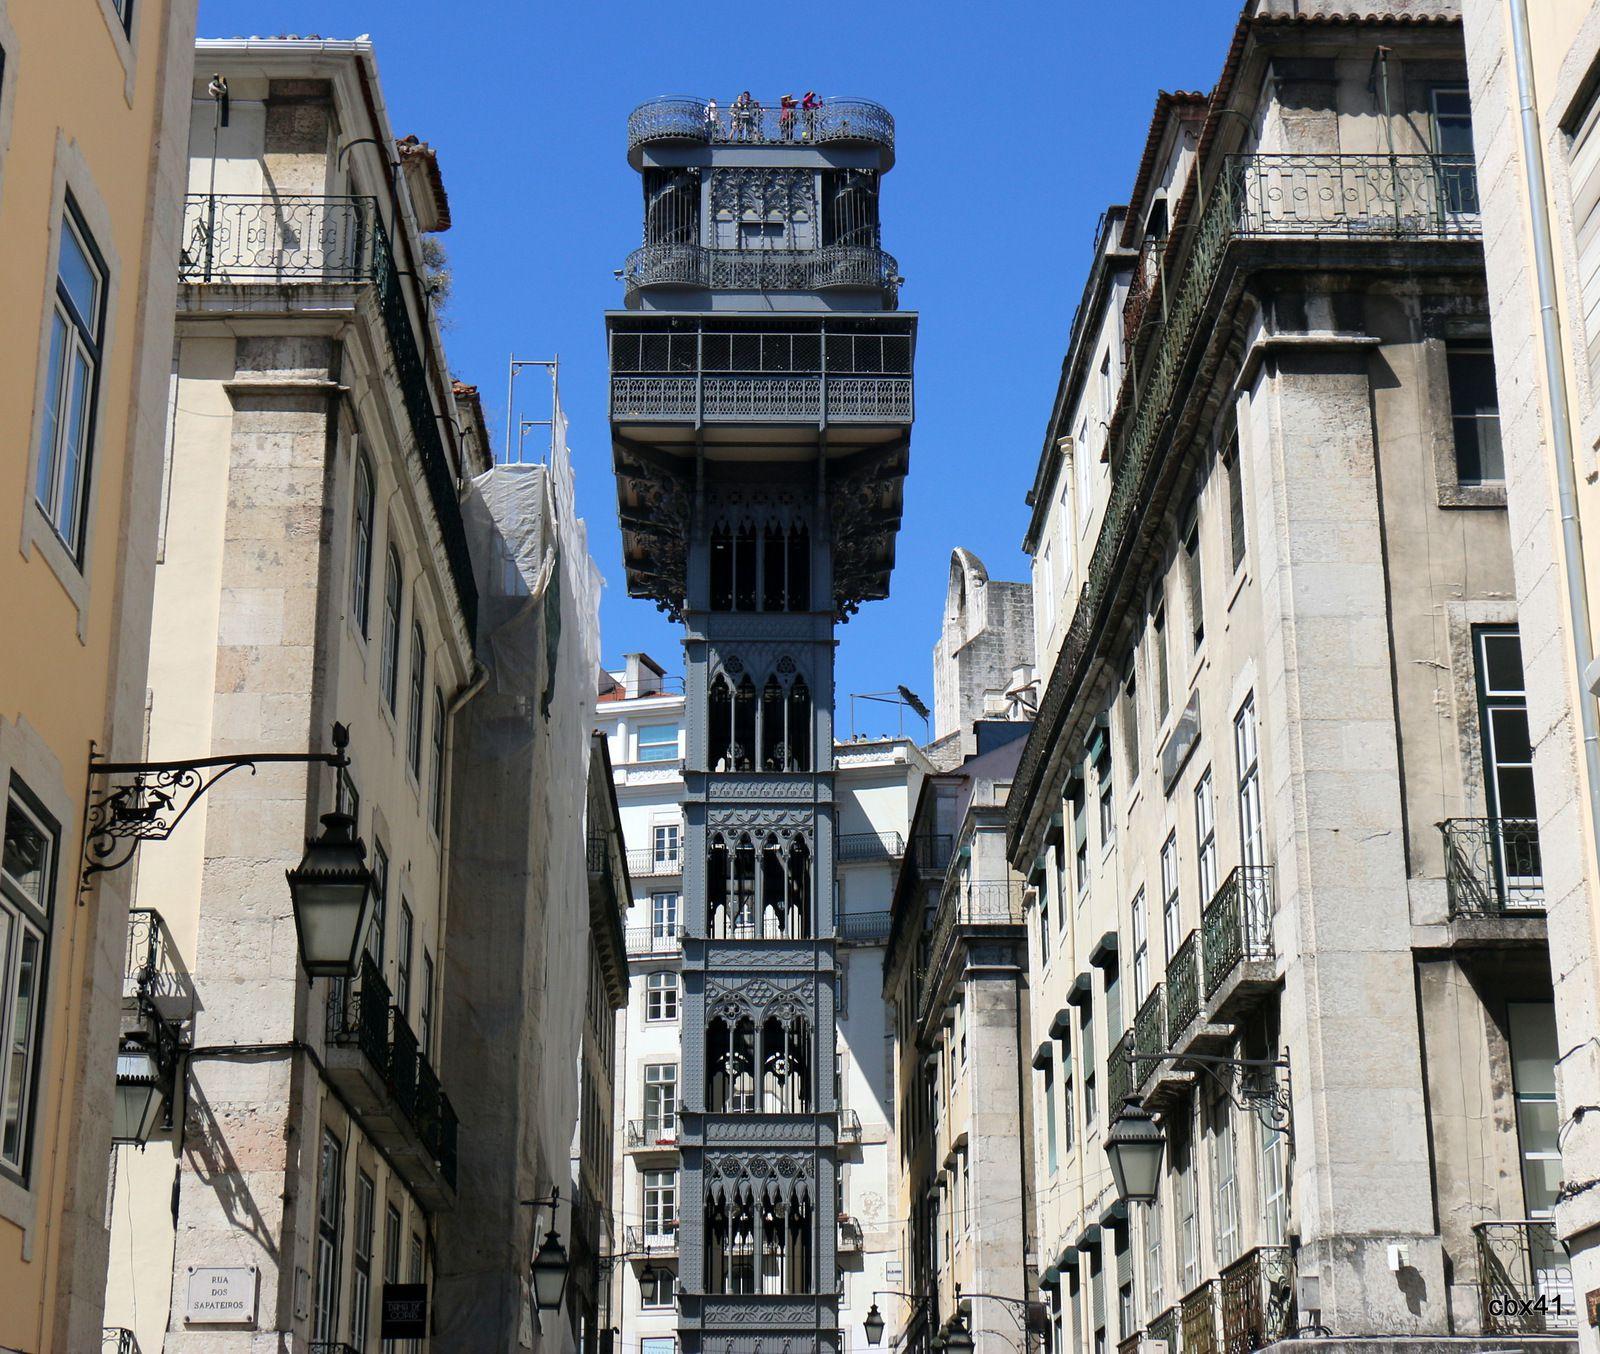 L'ascenseur de Santa Justa au cœur de Lisbonne (Portugal)